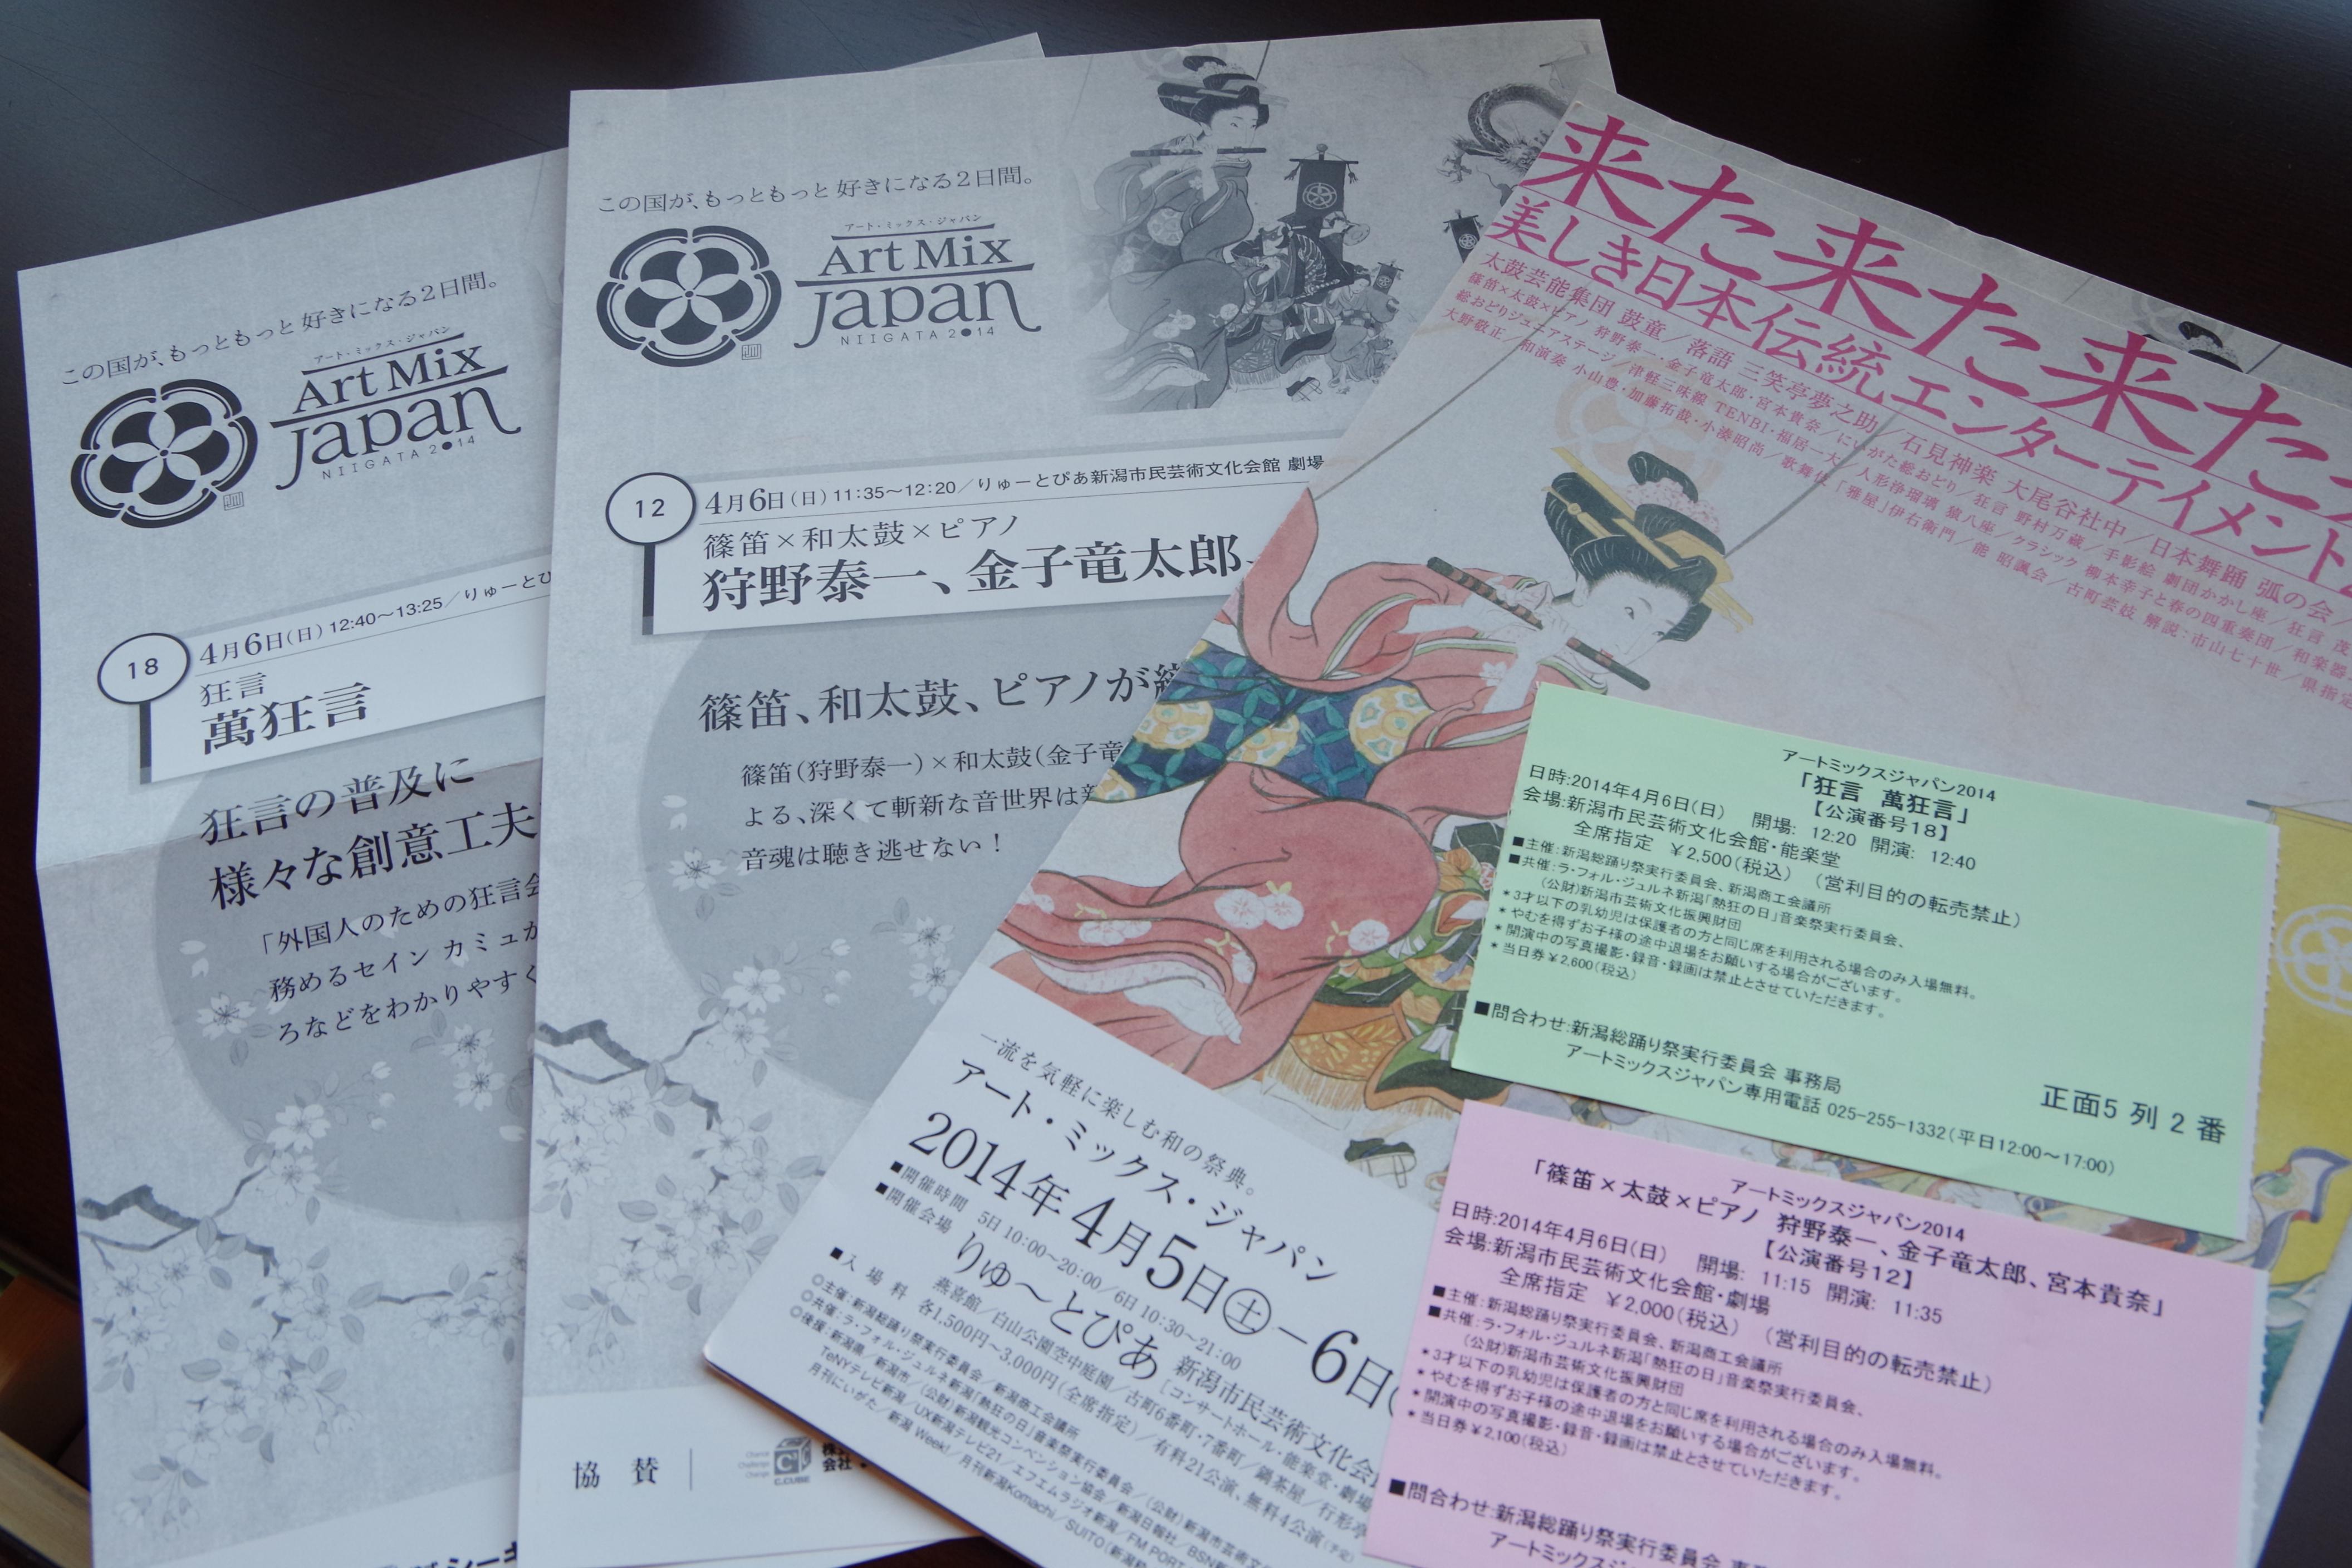 新潟発「和の祭典」!アートミックスジャパン2014を堪能